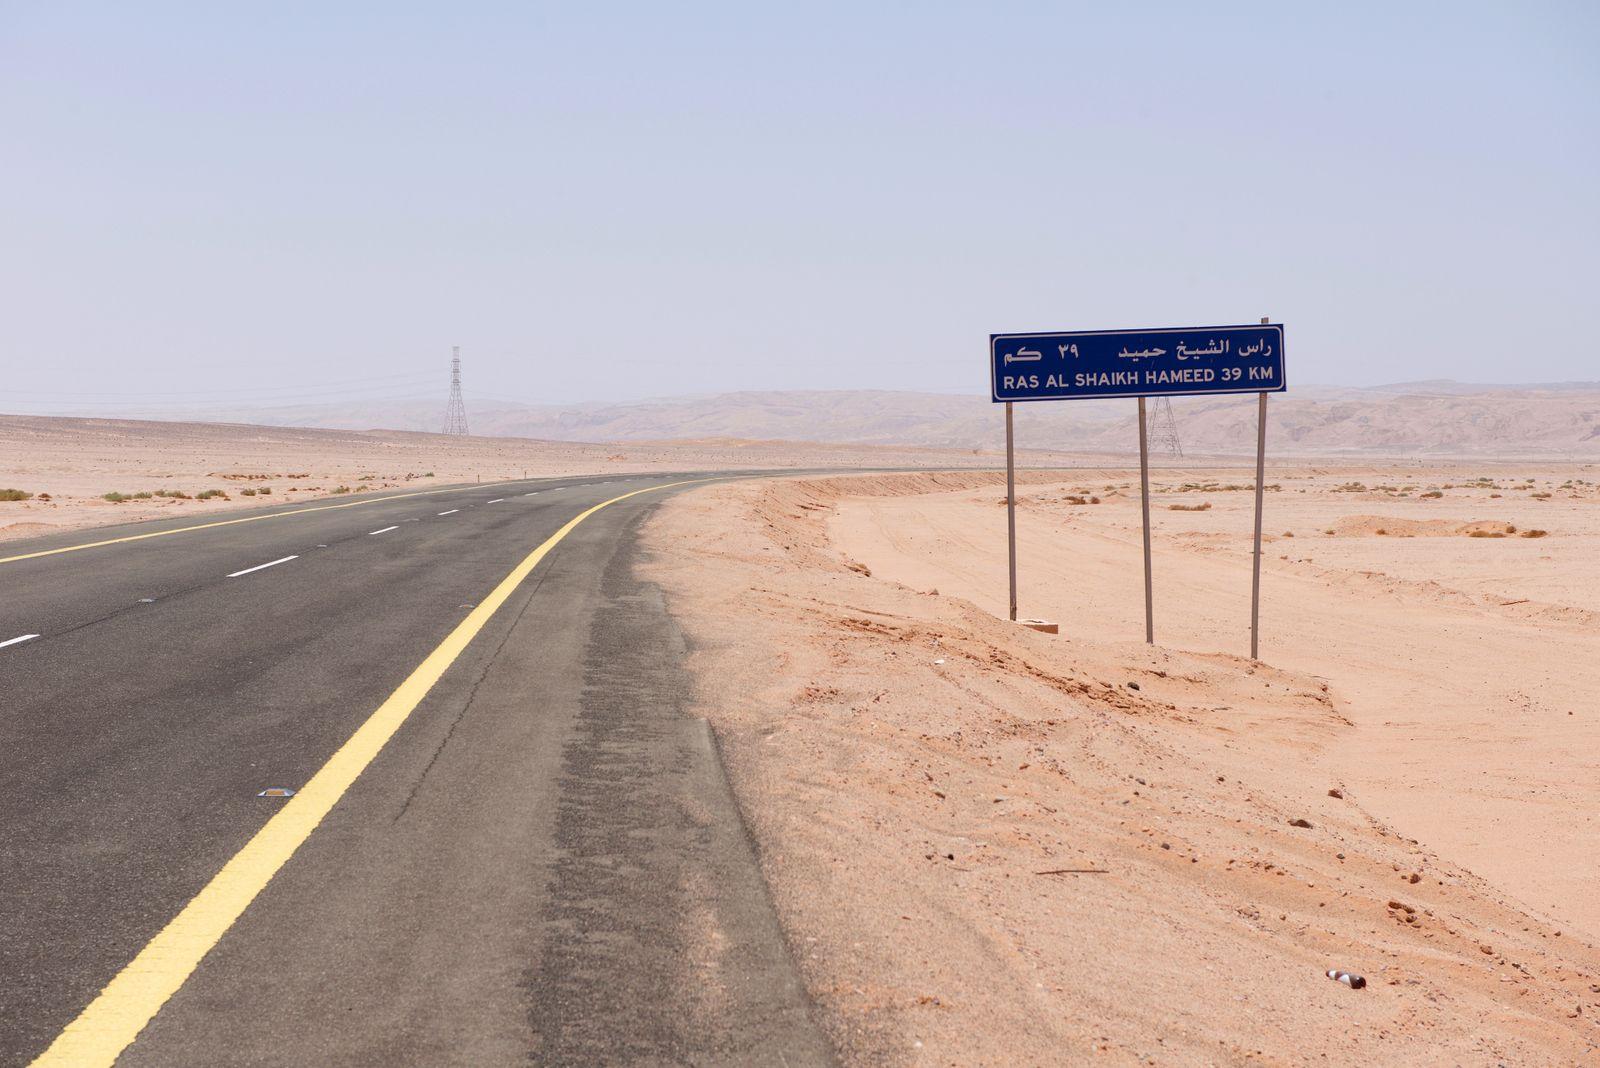 Saudi Arabia's Sci-Fi City In The Desert